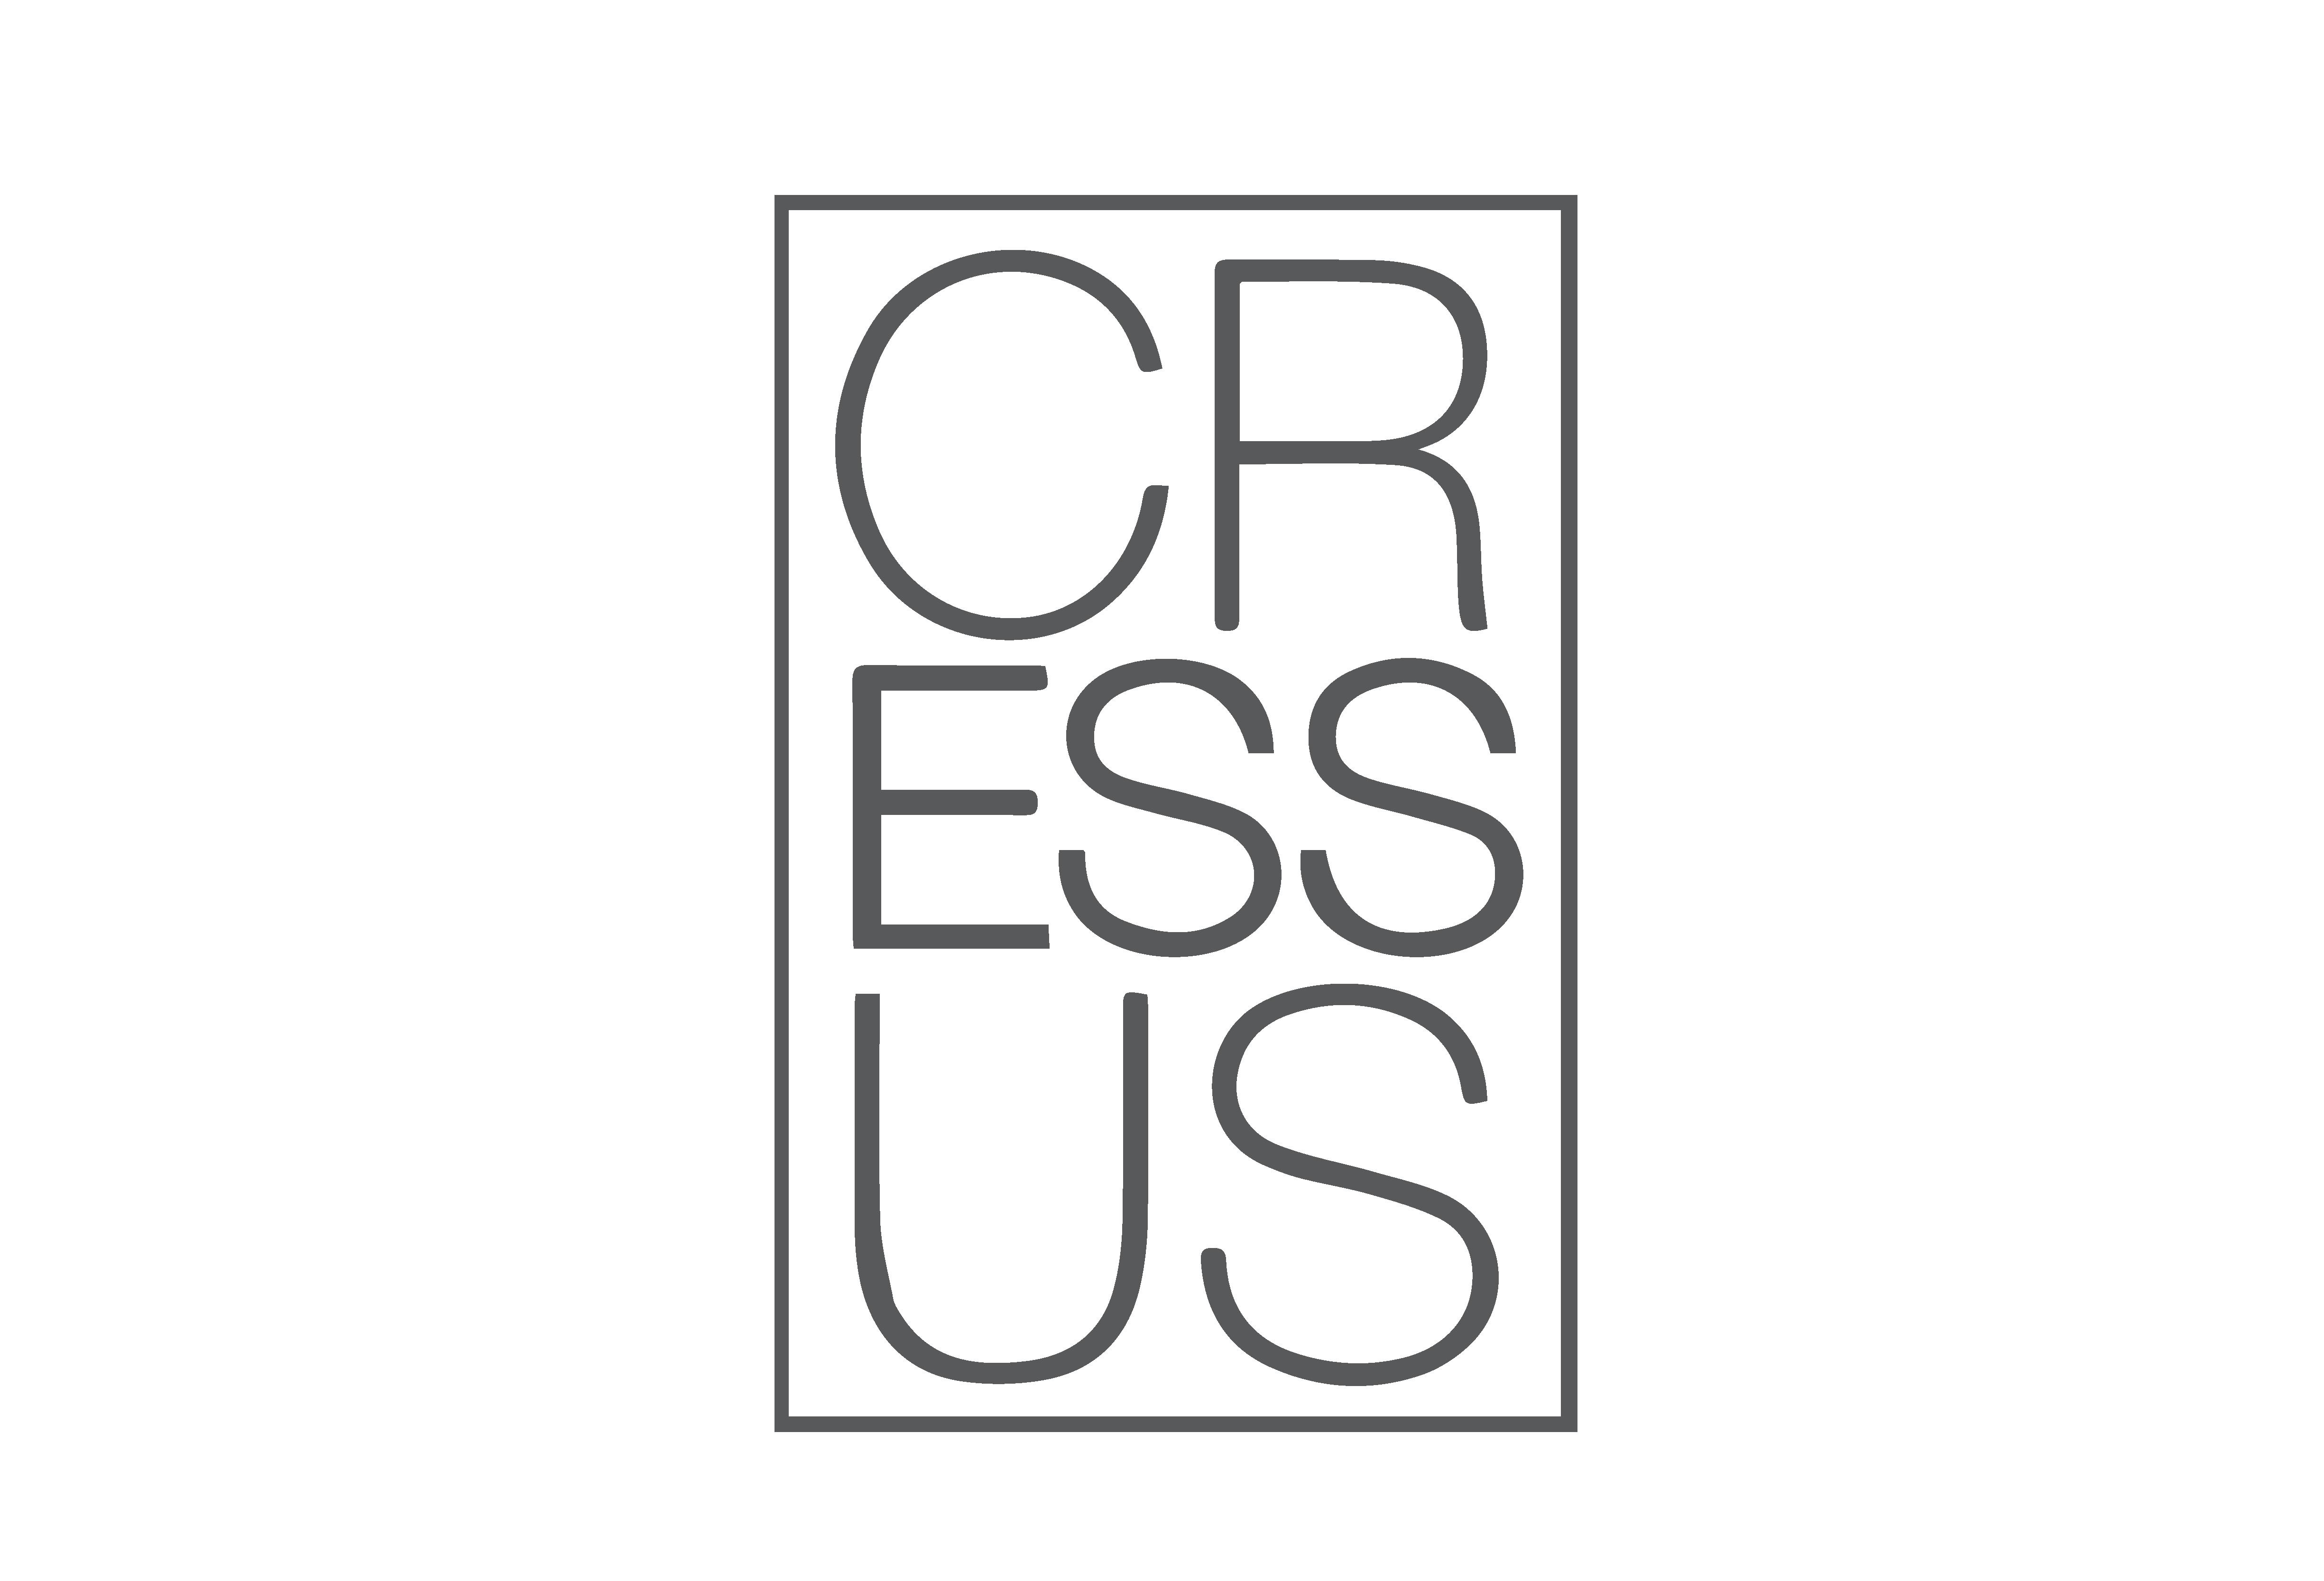 Cressus